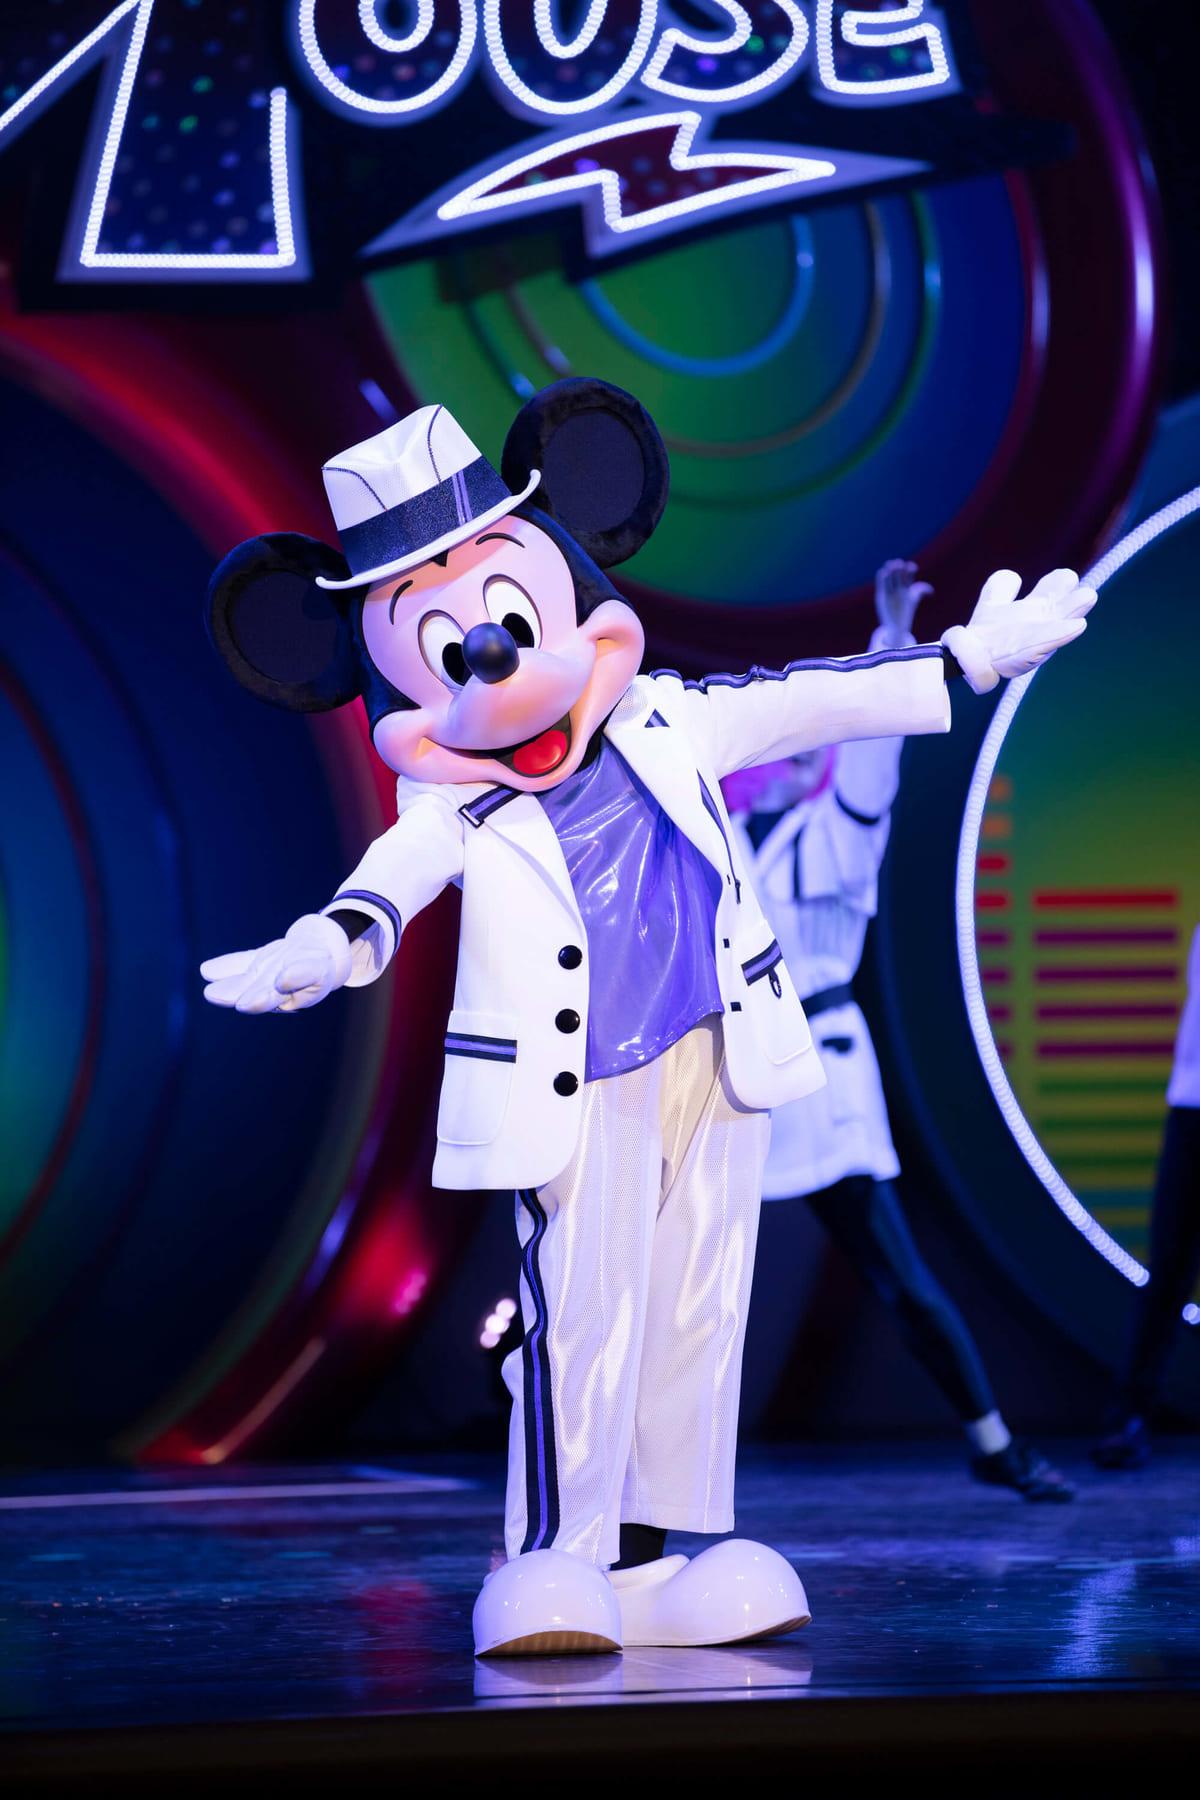 「クラブマウスビート」ミッキーマウス挨拶